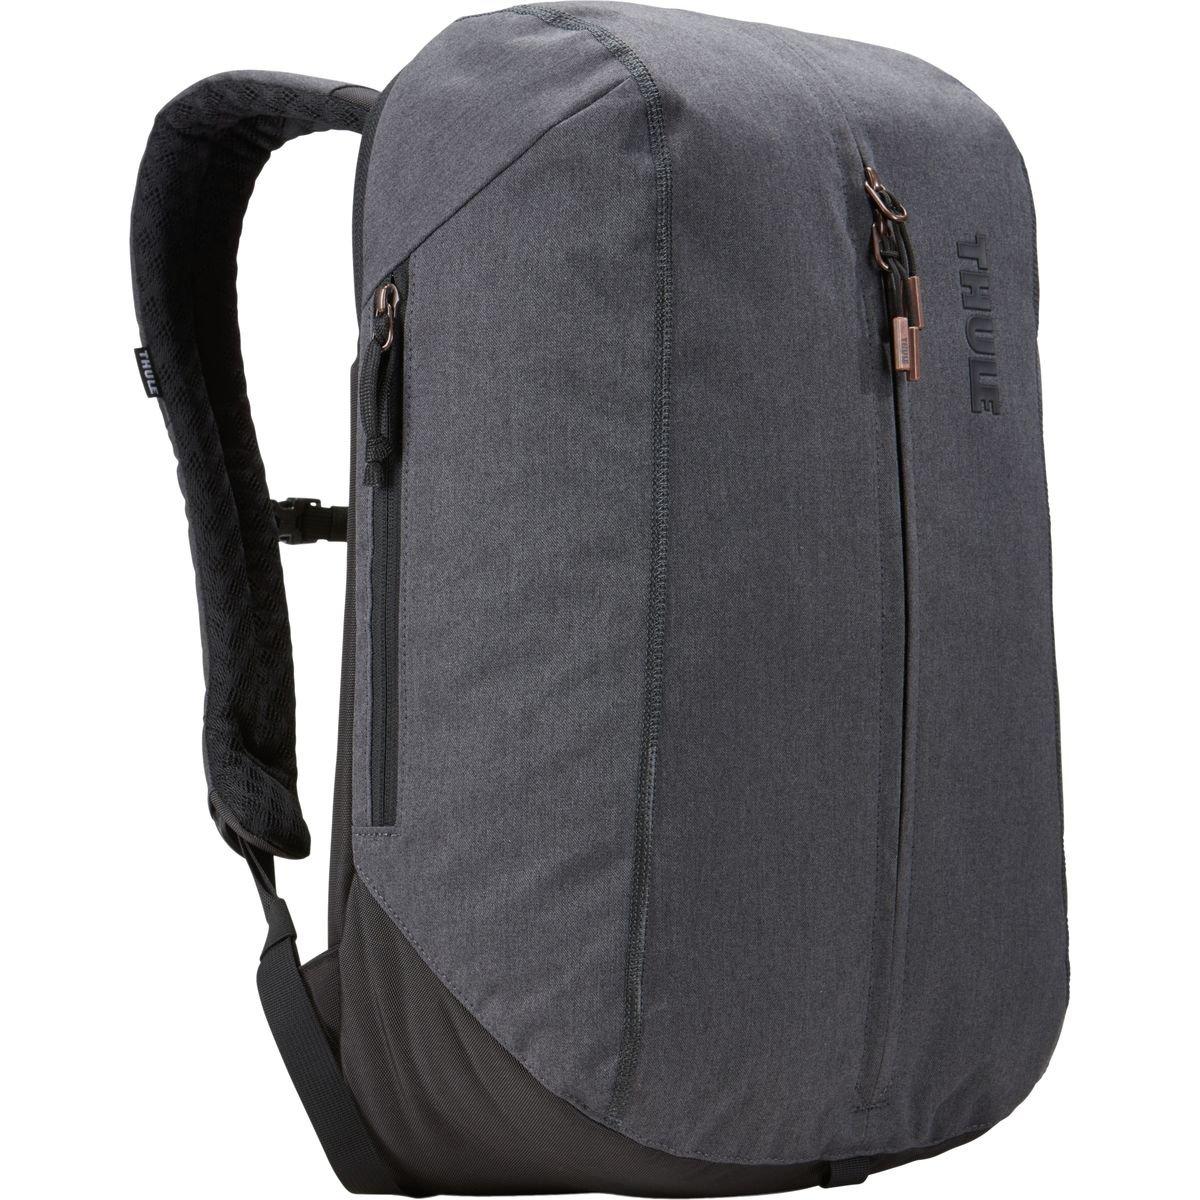 [スリー] メンズ バックパックリュックサック Vea 17L Backpack [並行輸入品] B07BW824DC  No-Size